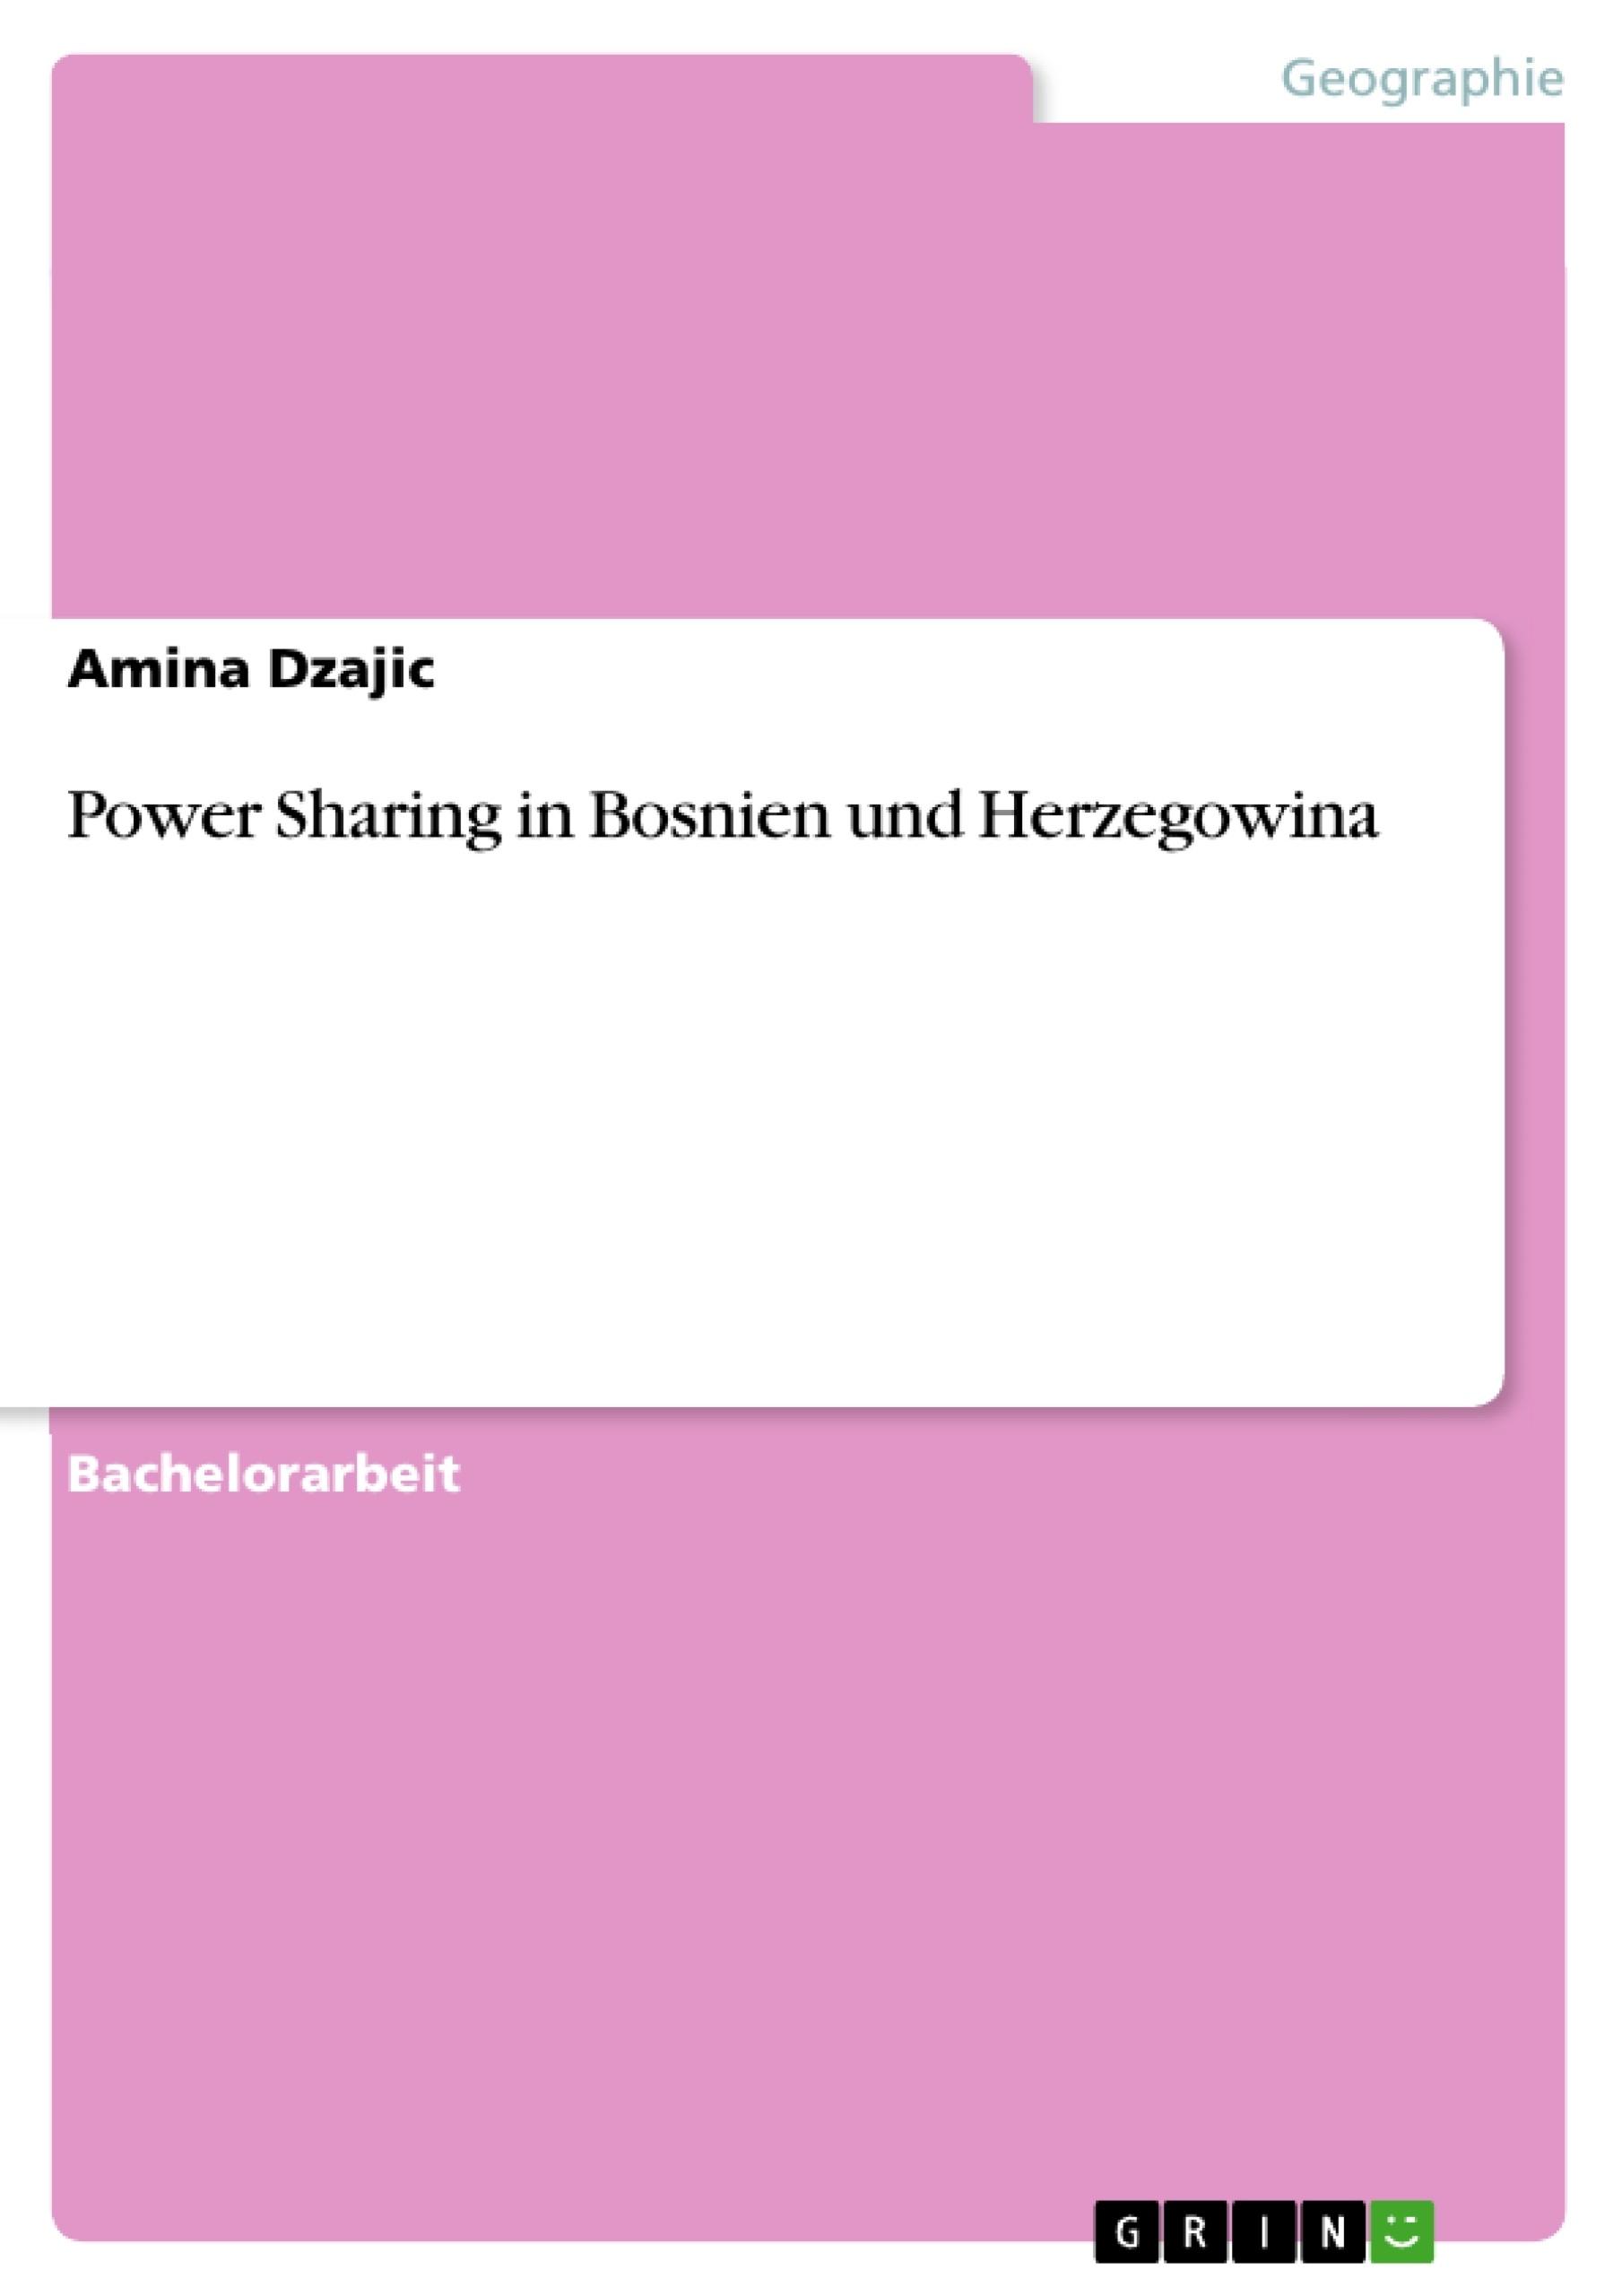 Titel: Power Sharing in Bosnien und Herzegowina